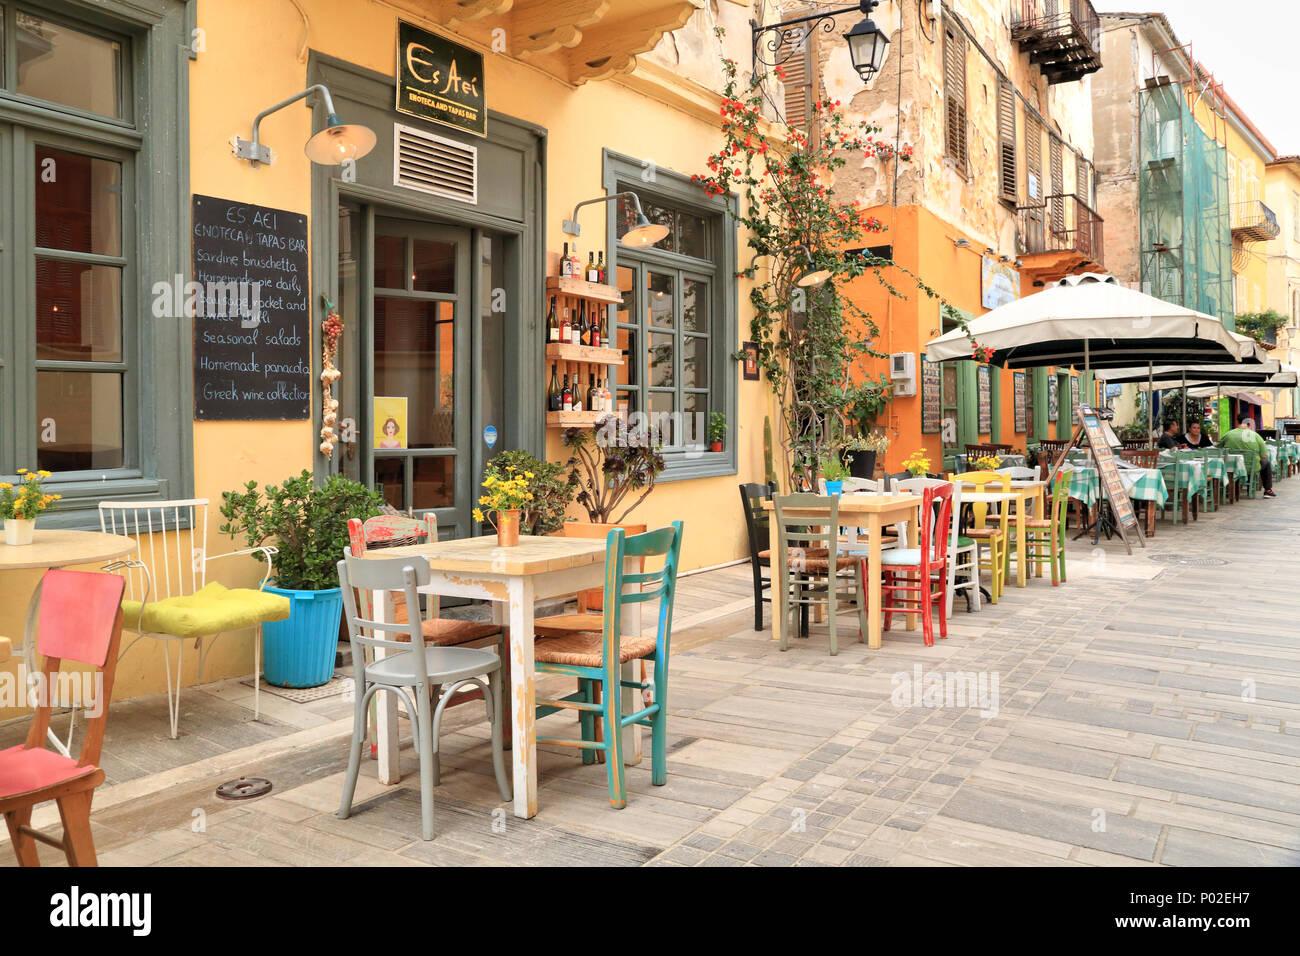 Griechischer Kaffee Bar, 'Es Aei', Enoteca und Tapas Bar, bunte Nafplio Wein Bar, Griechenland Stockfoto